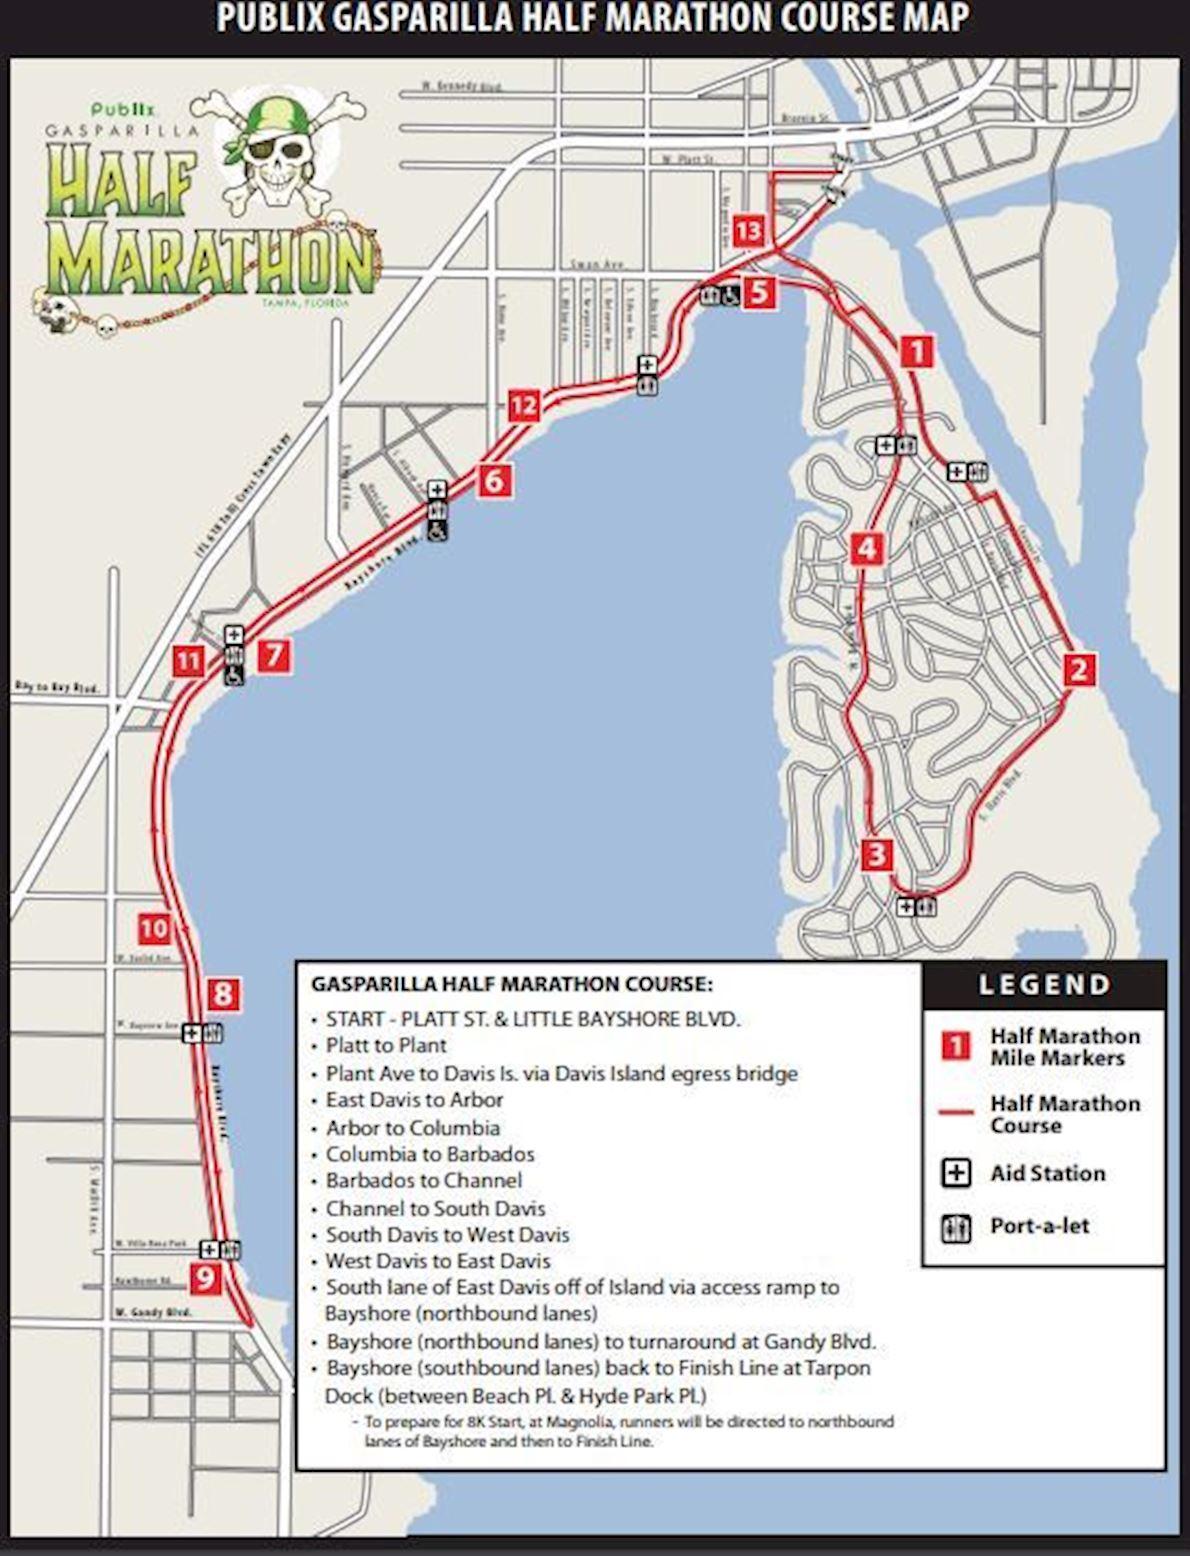 Tampa's Gasparilla Distance Classic Route Map